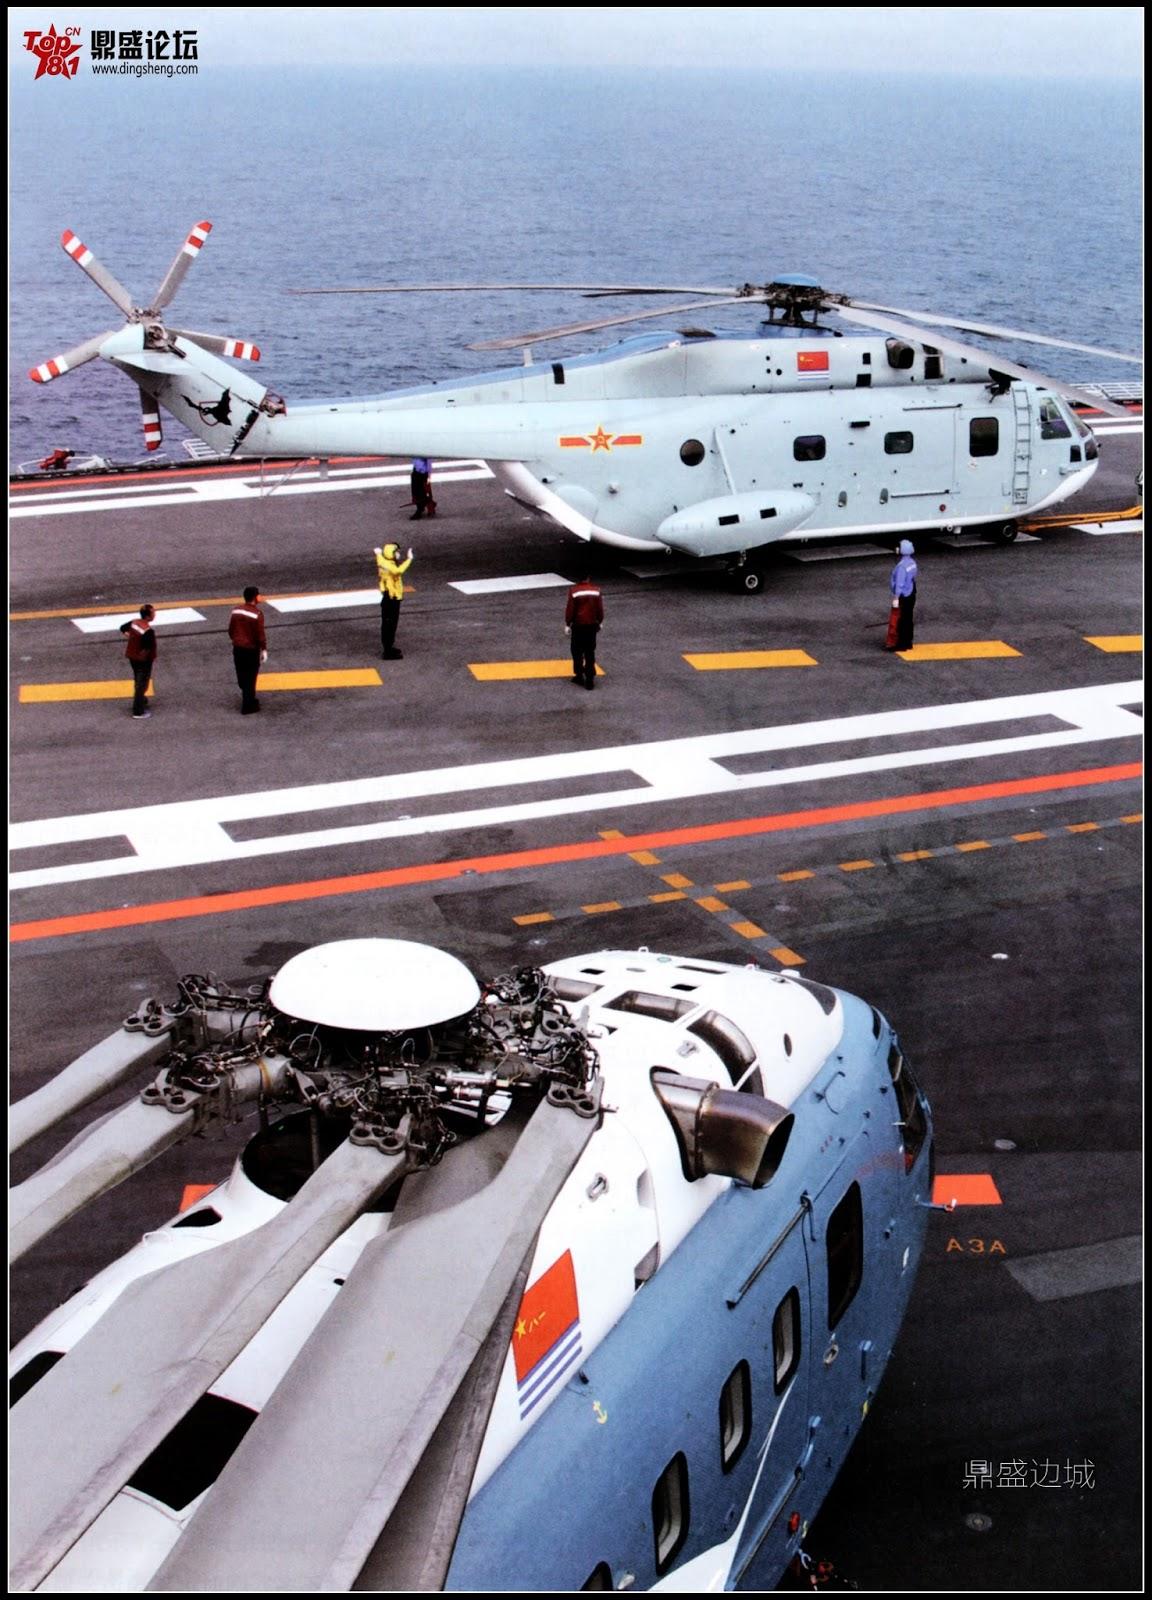 Reveladas as primeiras imagens do Helicóptero AEW Z -8J abordo do porta Aviões Liaoning